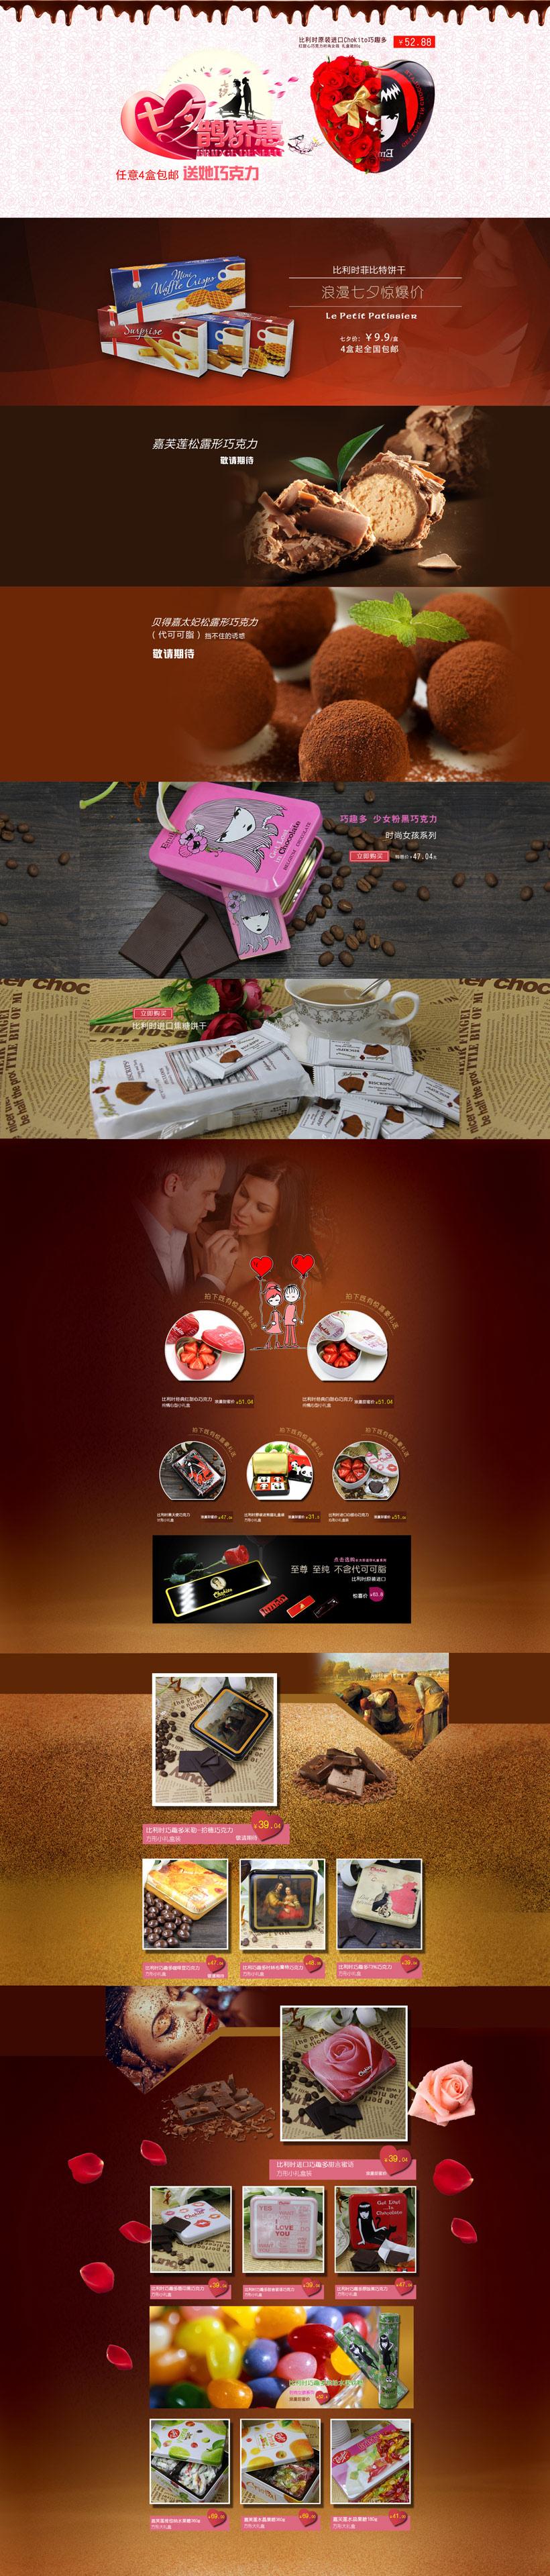 淘宝素材 首页模板 > 素材信息   关键字: 淘宝促销首页设计首页大图图片